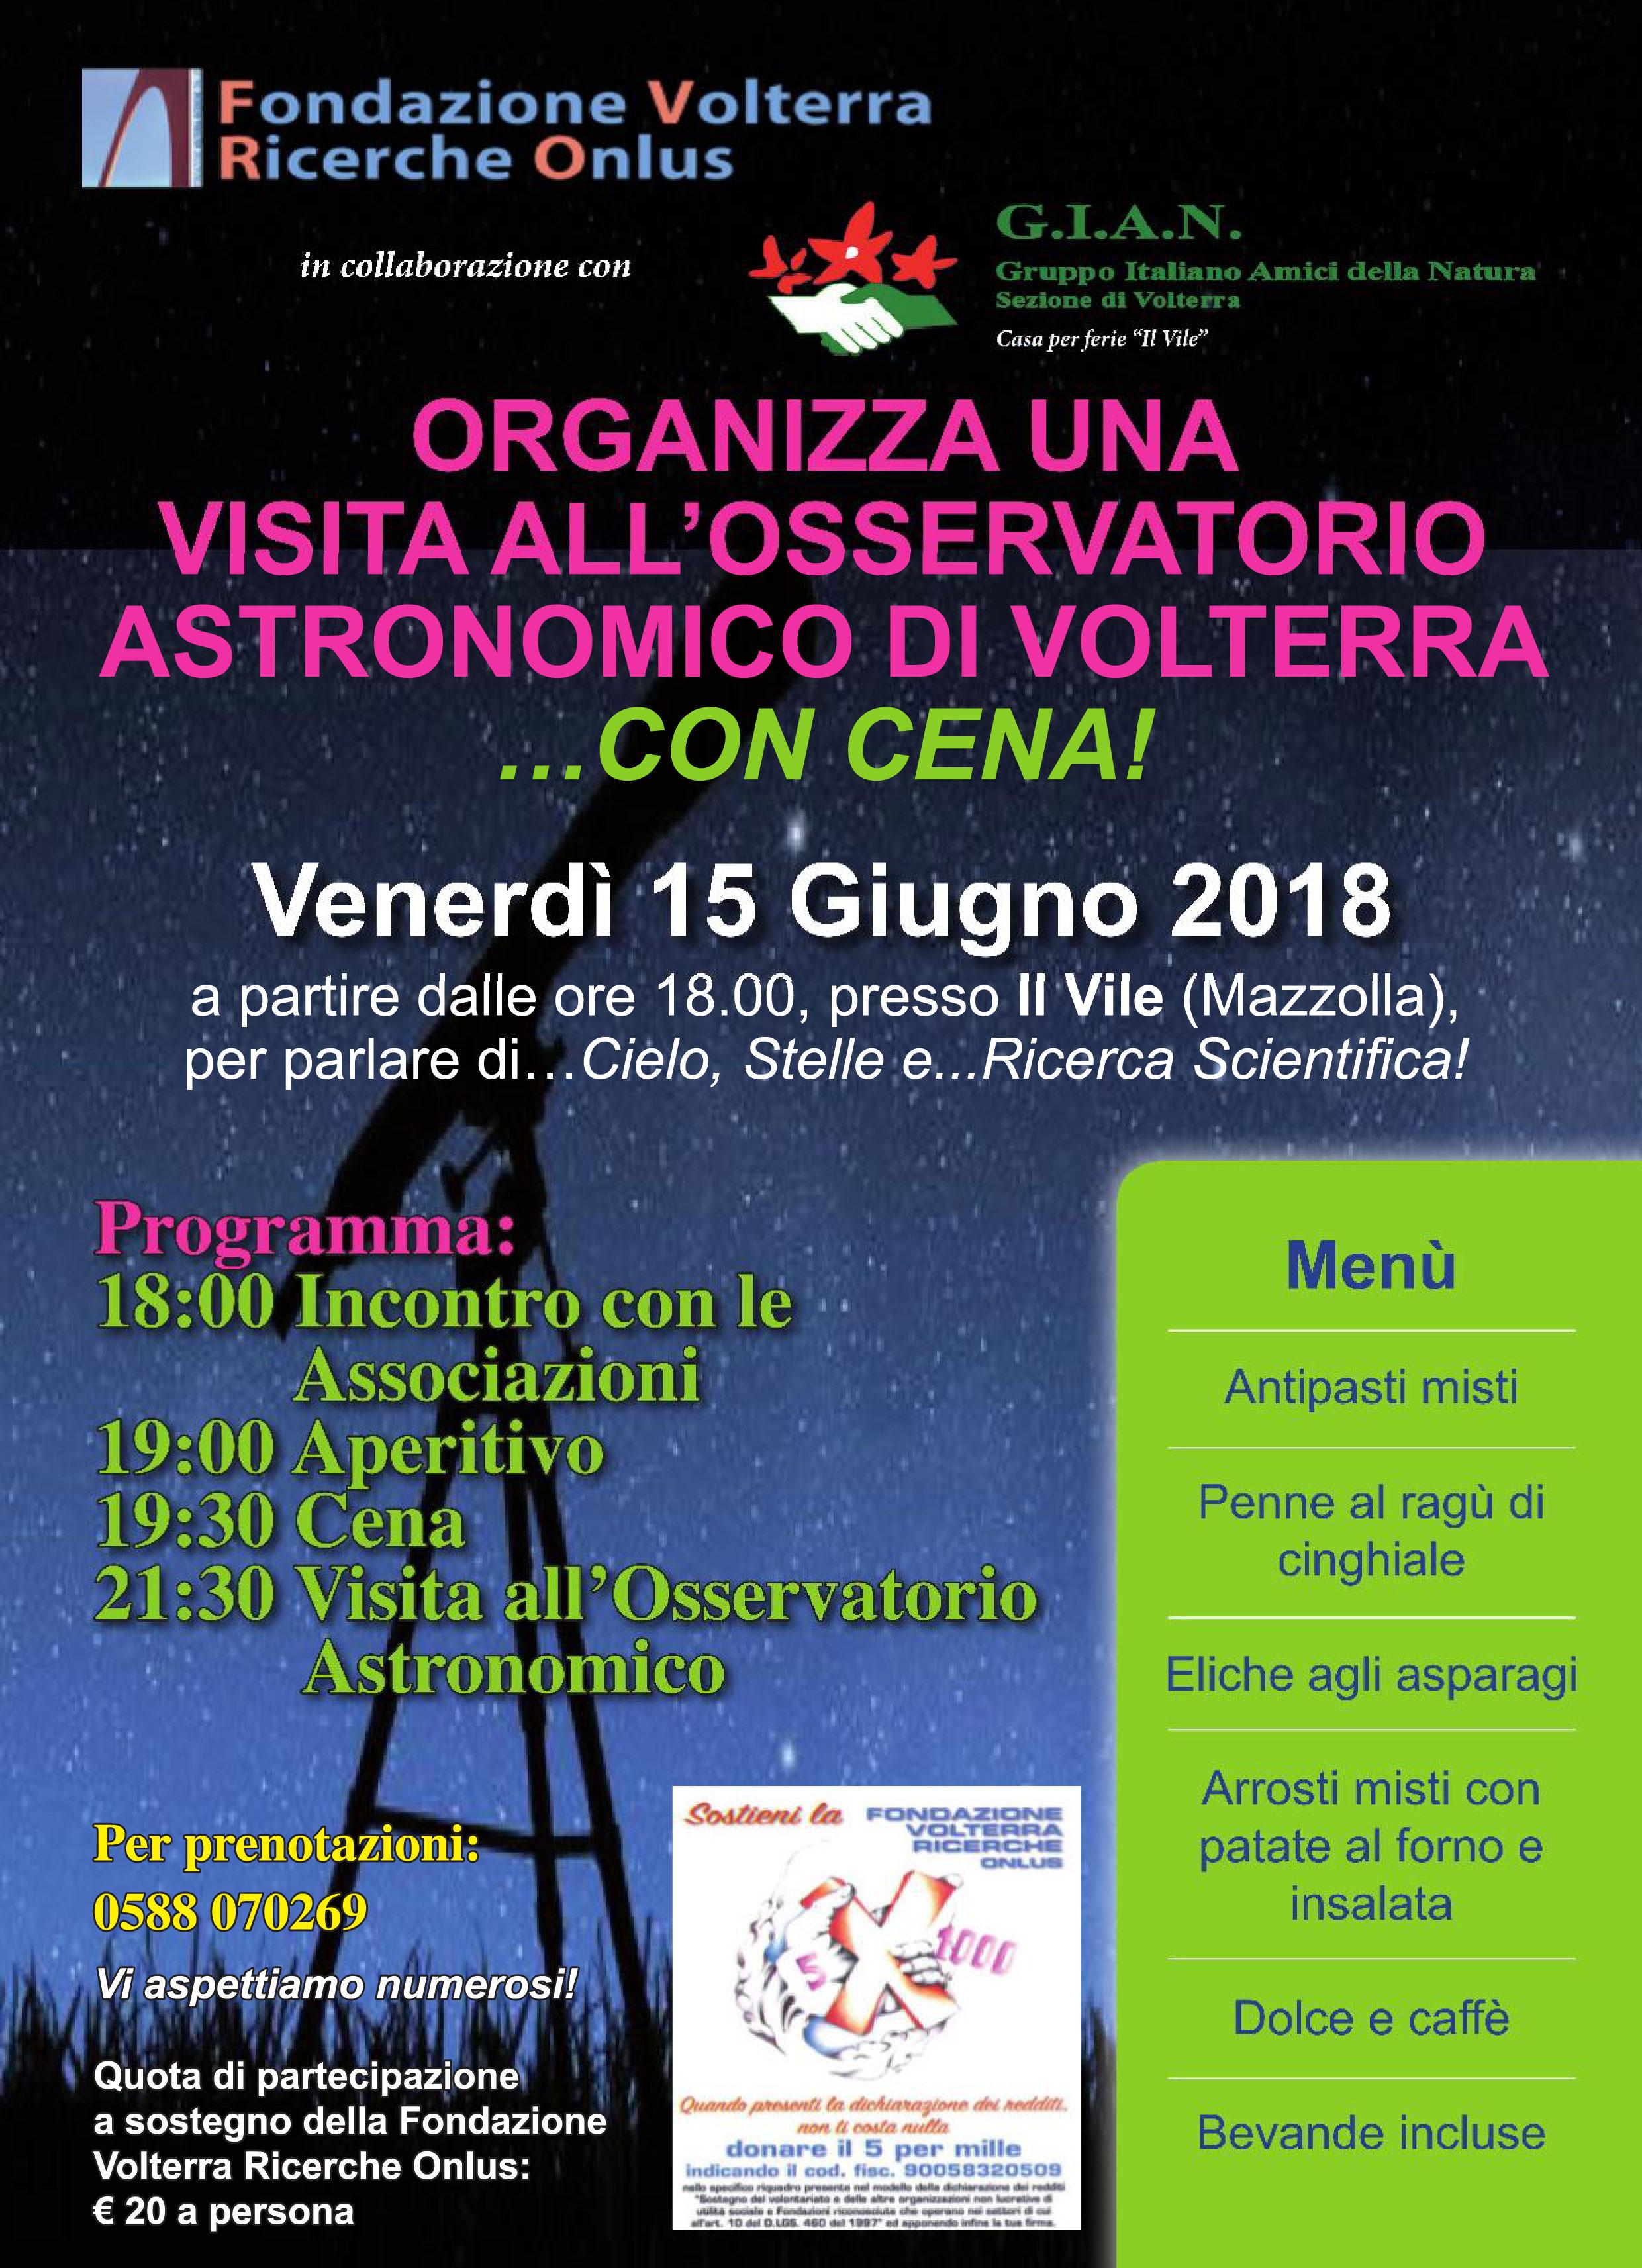 Il Vile Osservatorio Astronomico Volterra